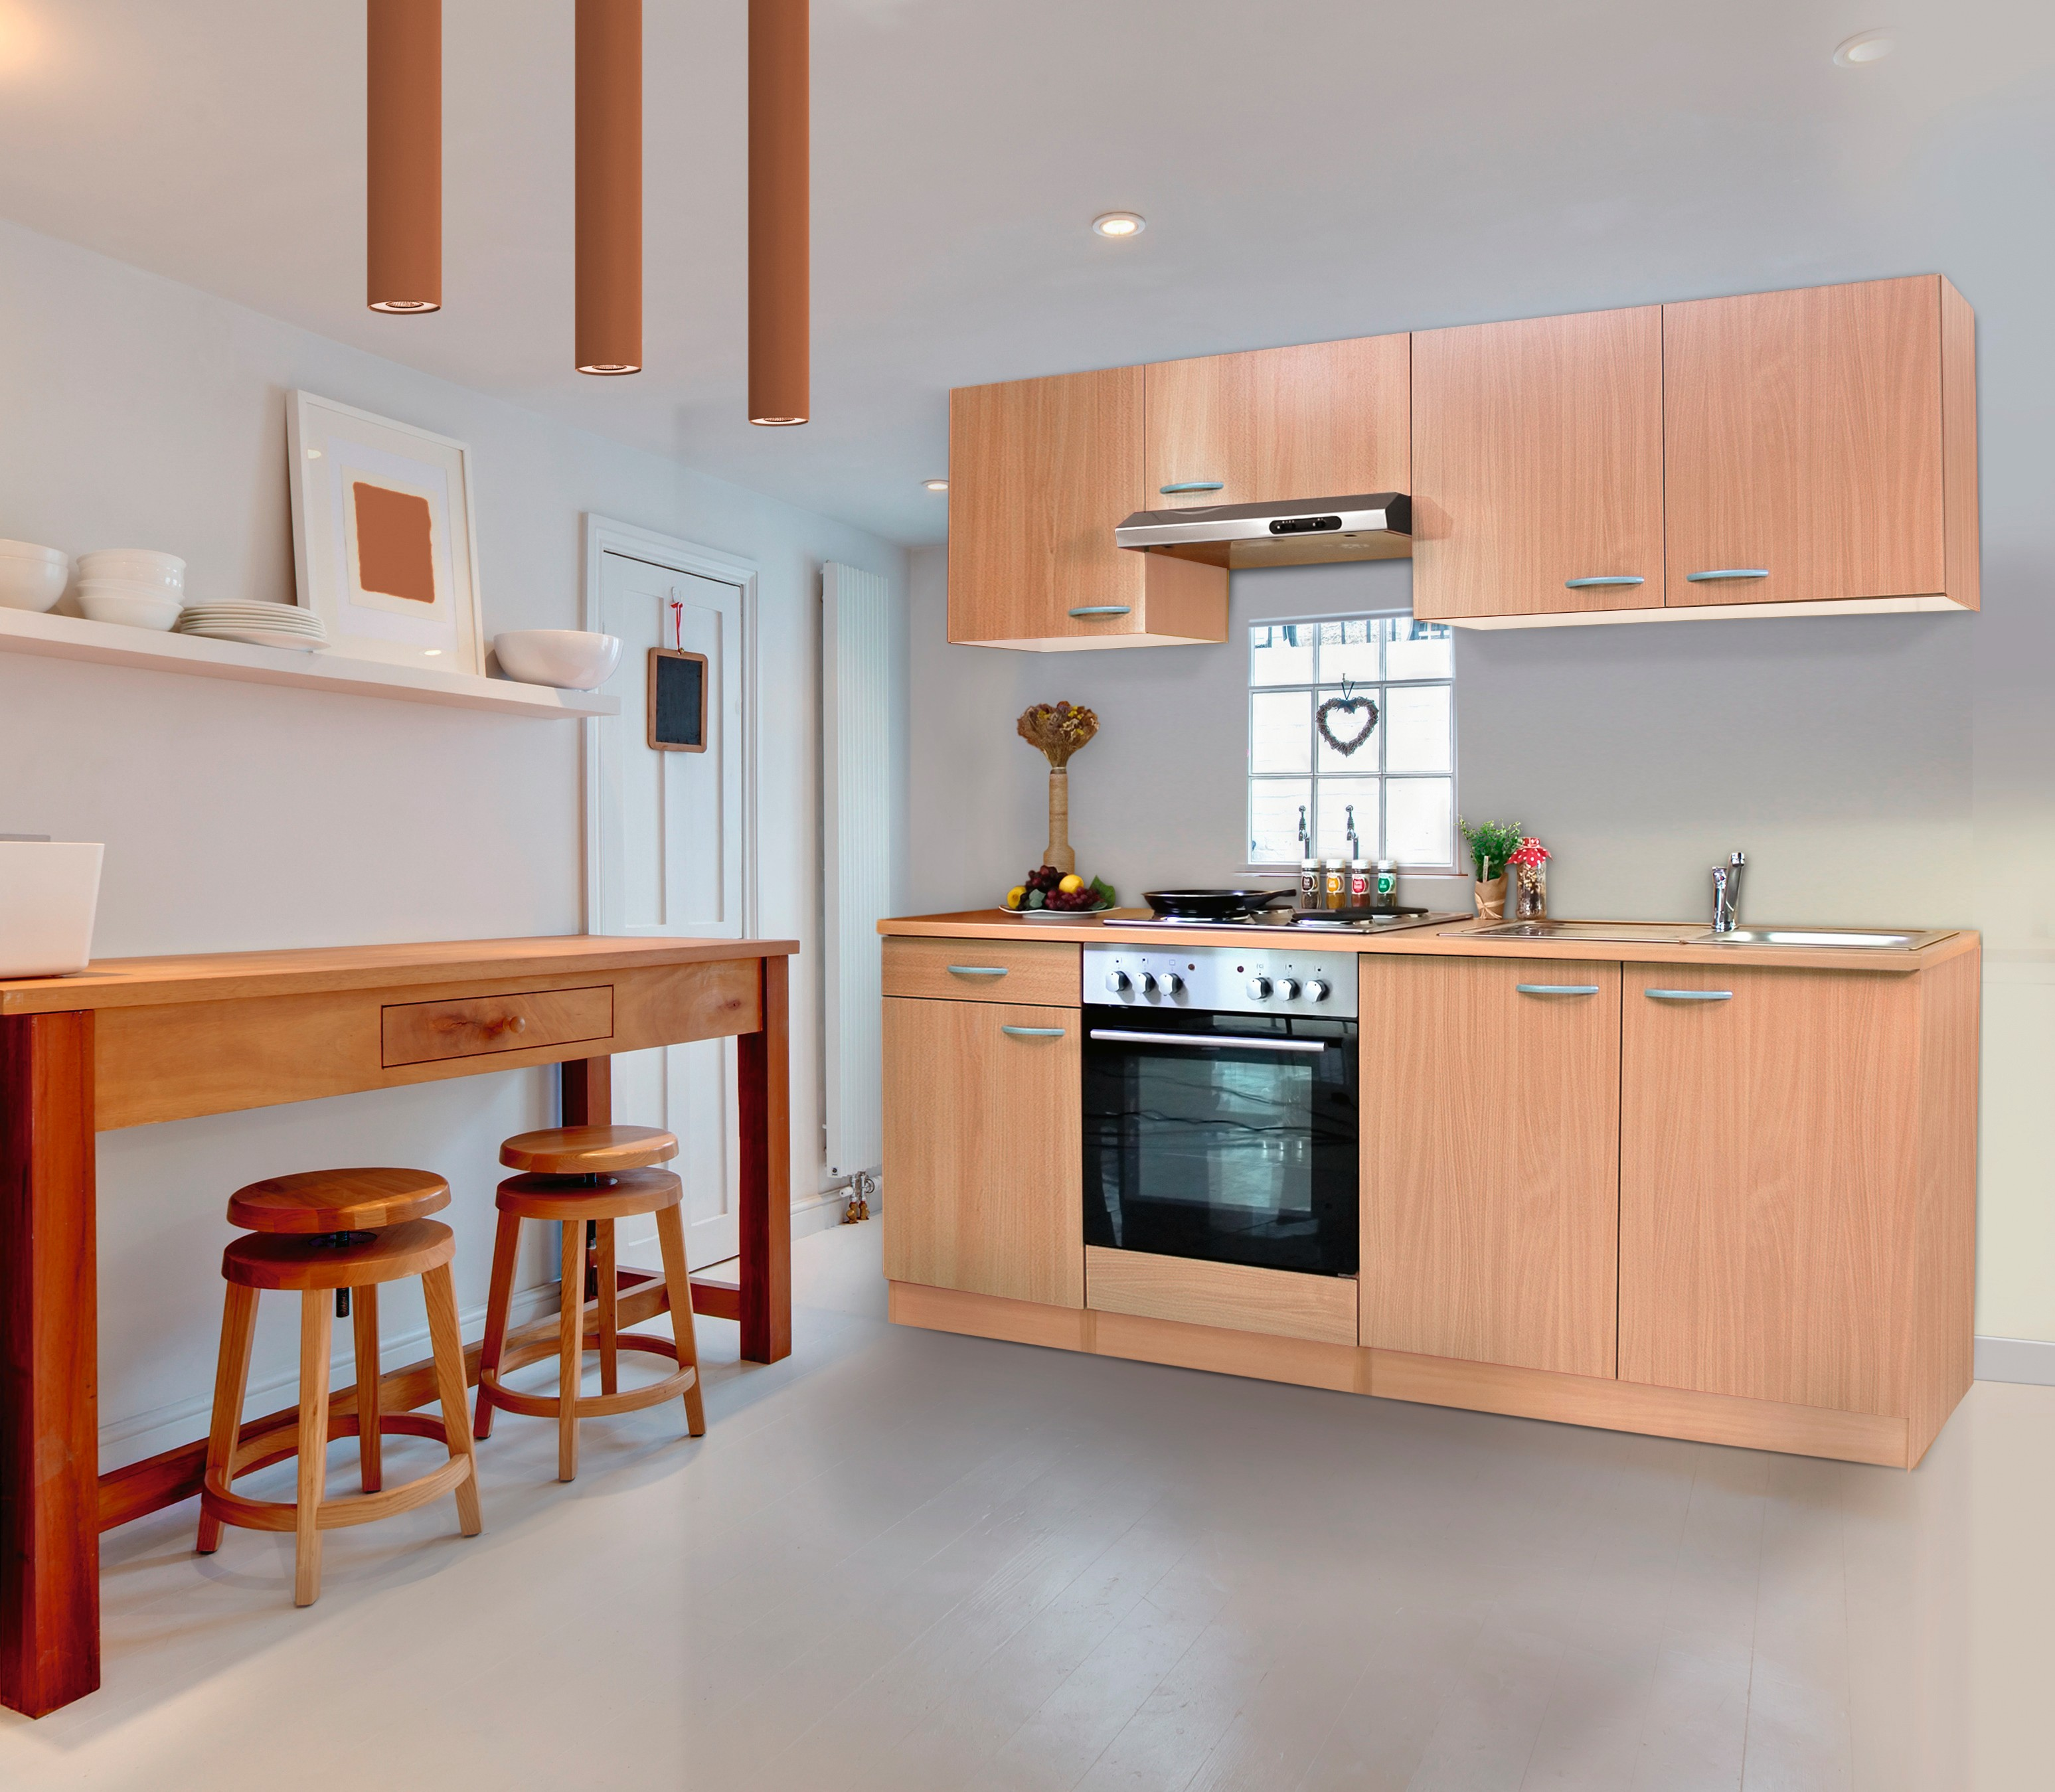 k che k chenzeile k chenblock einbauk che komplettk che 210 cm buche respekta ebay. Black Bedroom Furniture Sets. Home Design Ideas